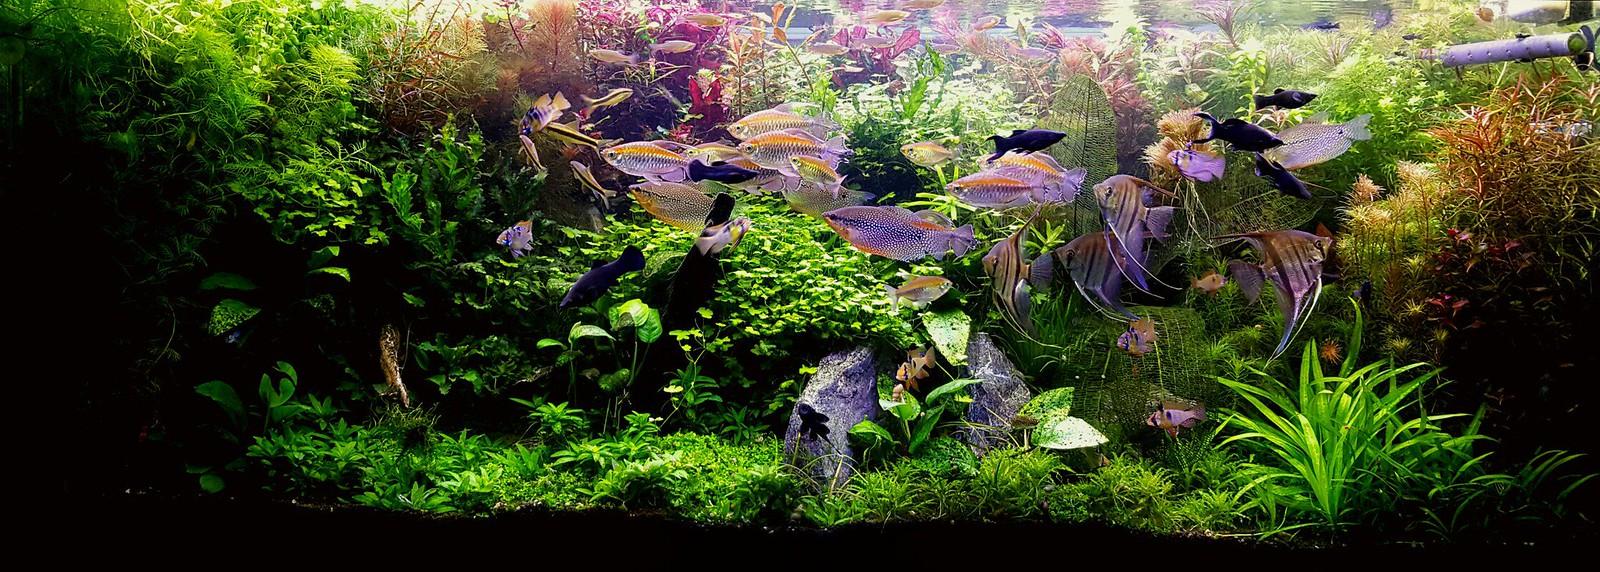 Как сделать аквариумное хозяйство фото 659